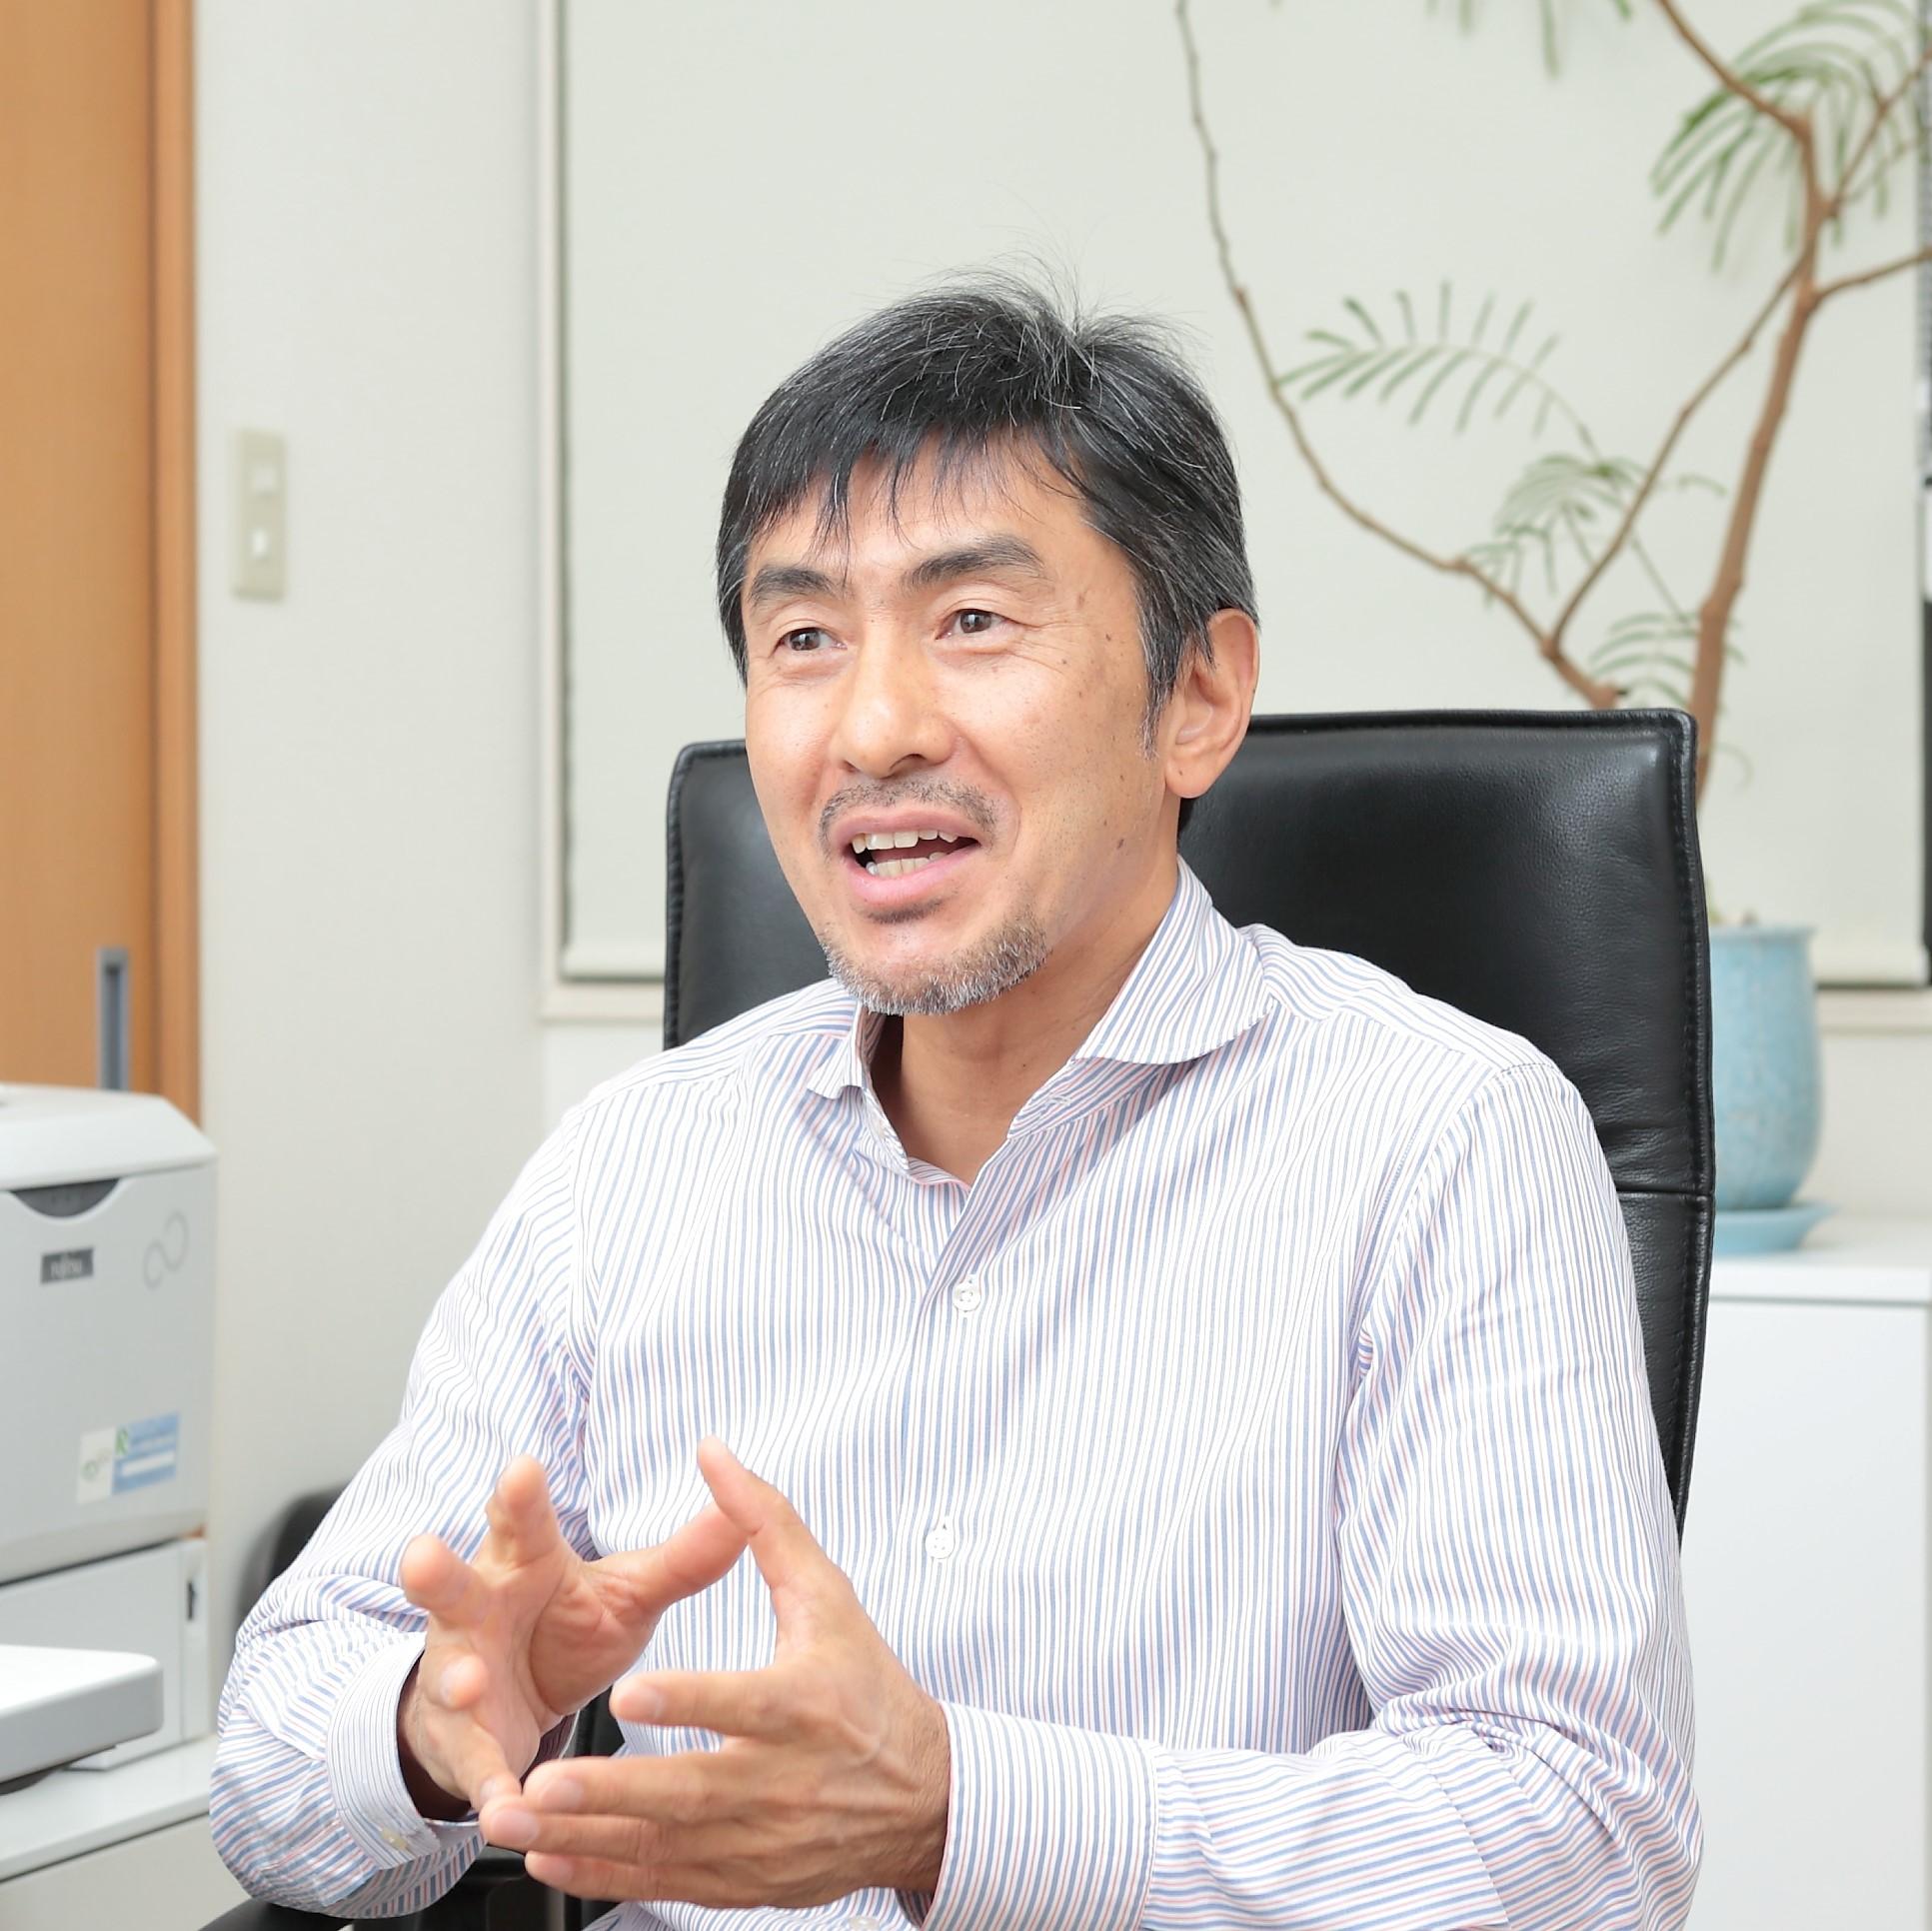 木村 謙介 院長様